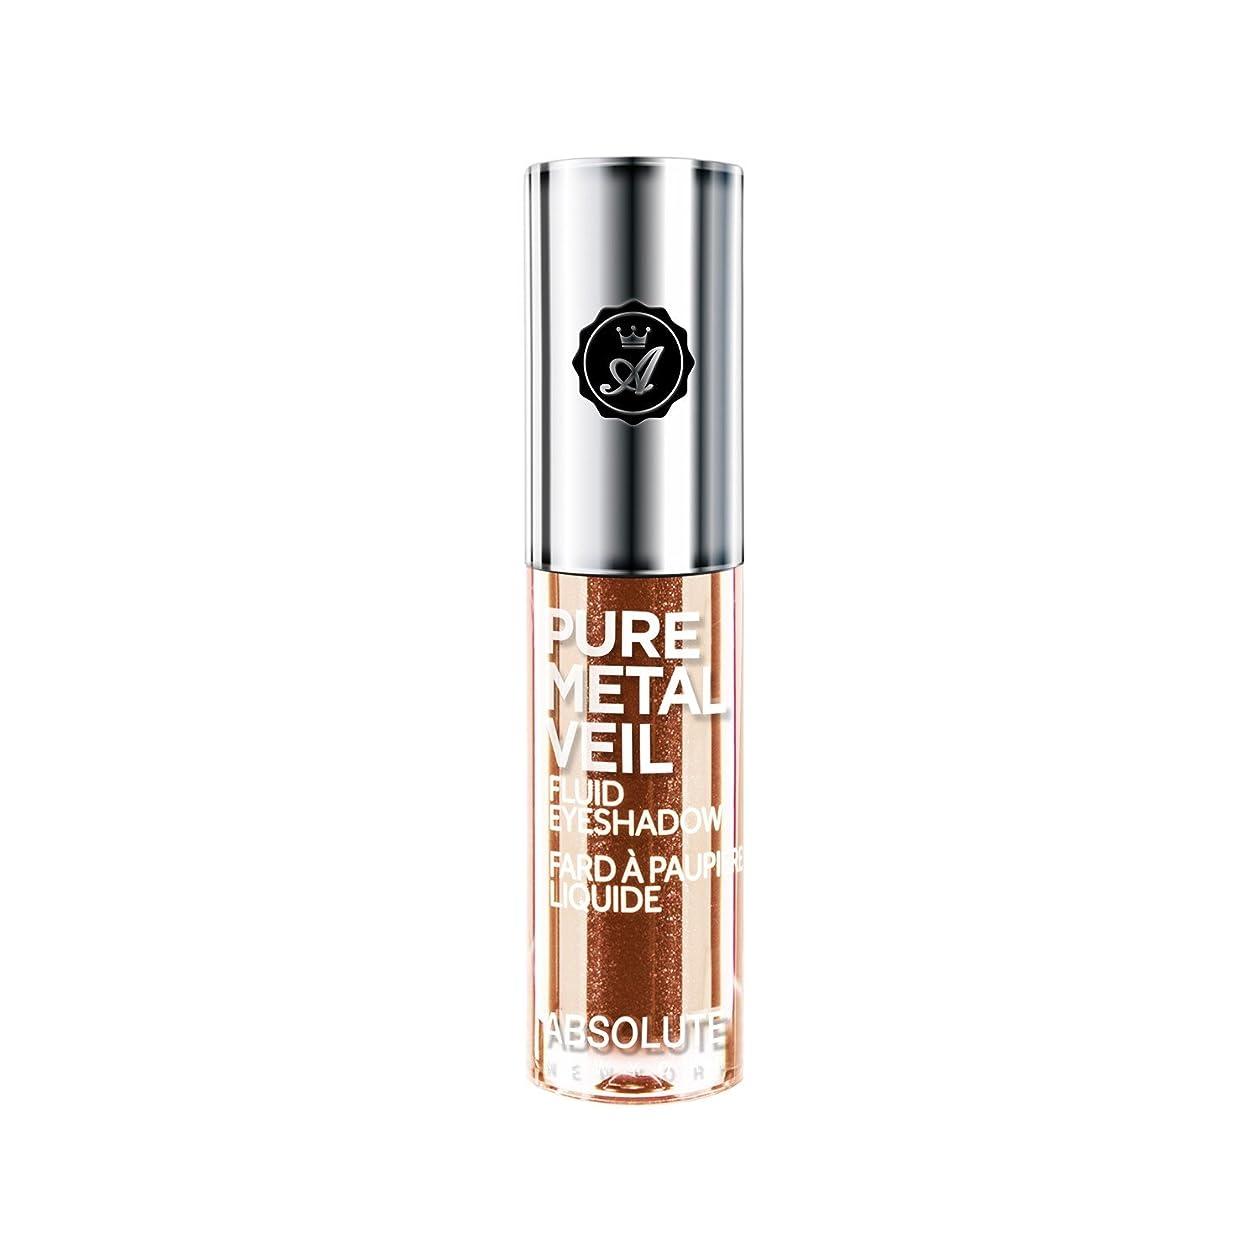 原稿レビュアー行商人(6 Pack) ABSOLUTE Pure Metal Veil Fluid Eyeshadow - Blingin Bronze (並行輸入品)